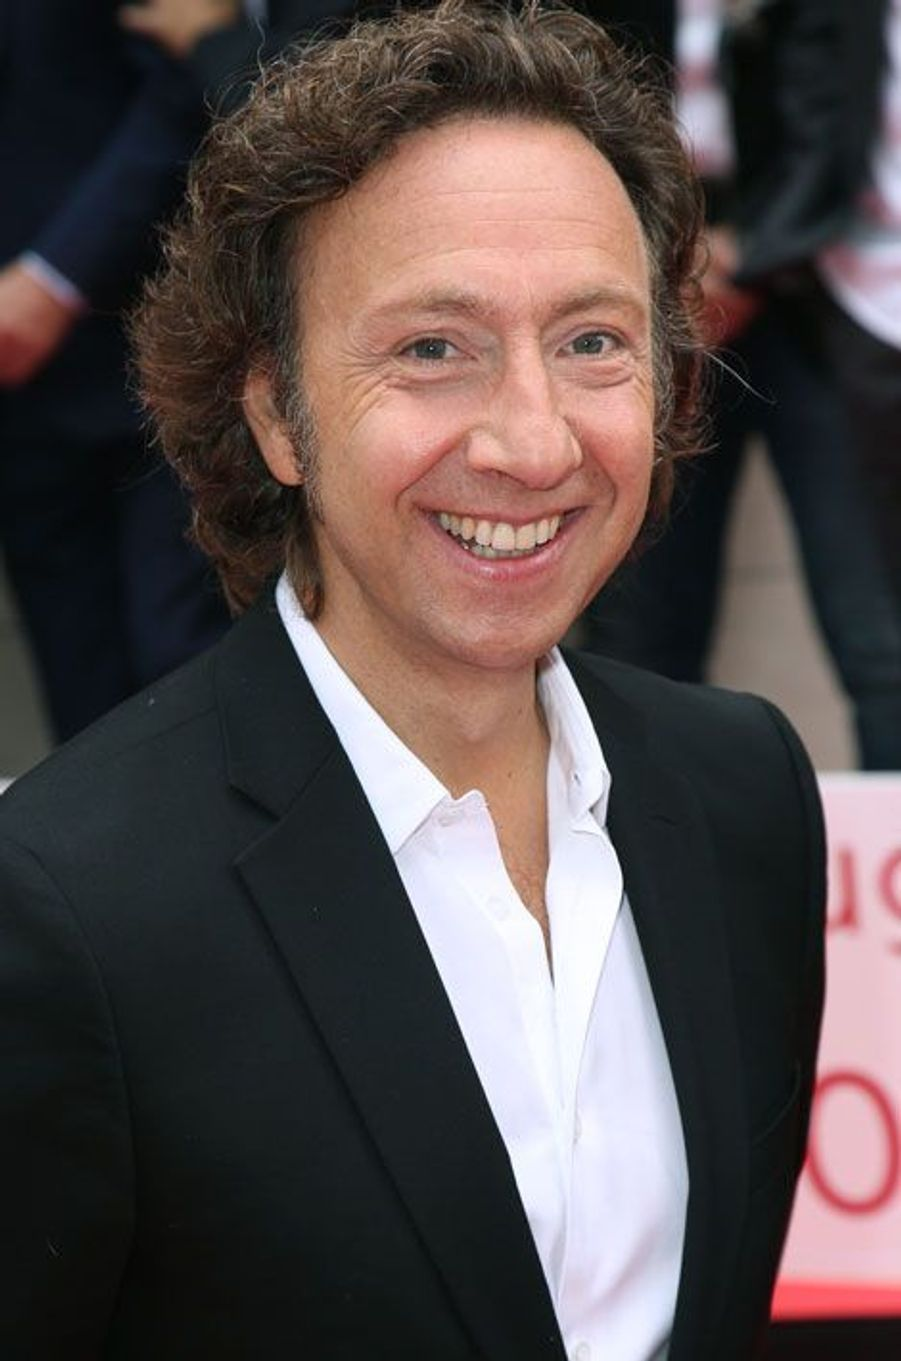 3- Stéphane Bern